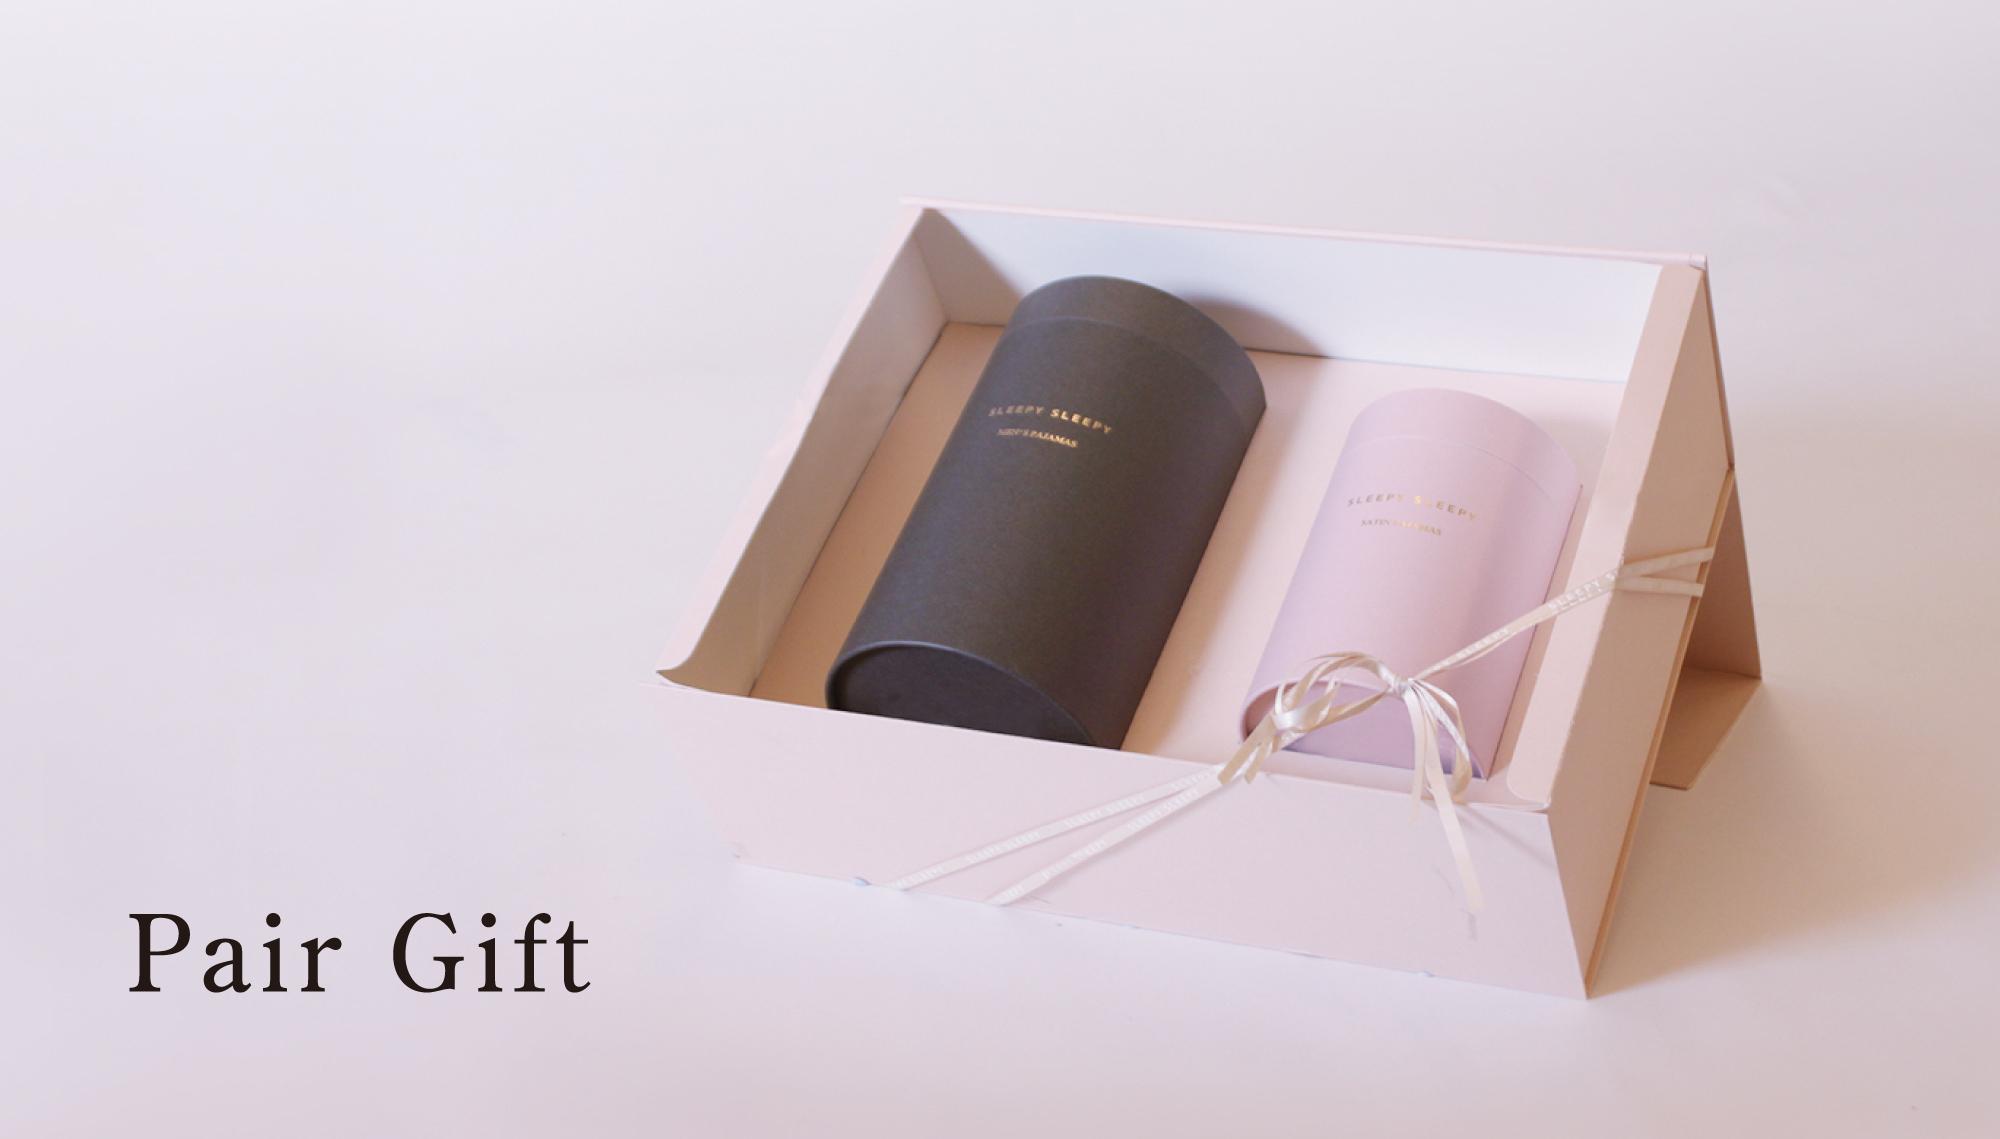 PAIR GIFT BOX